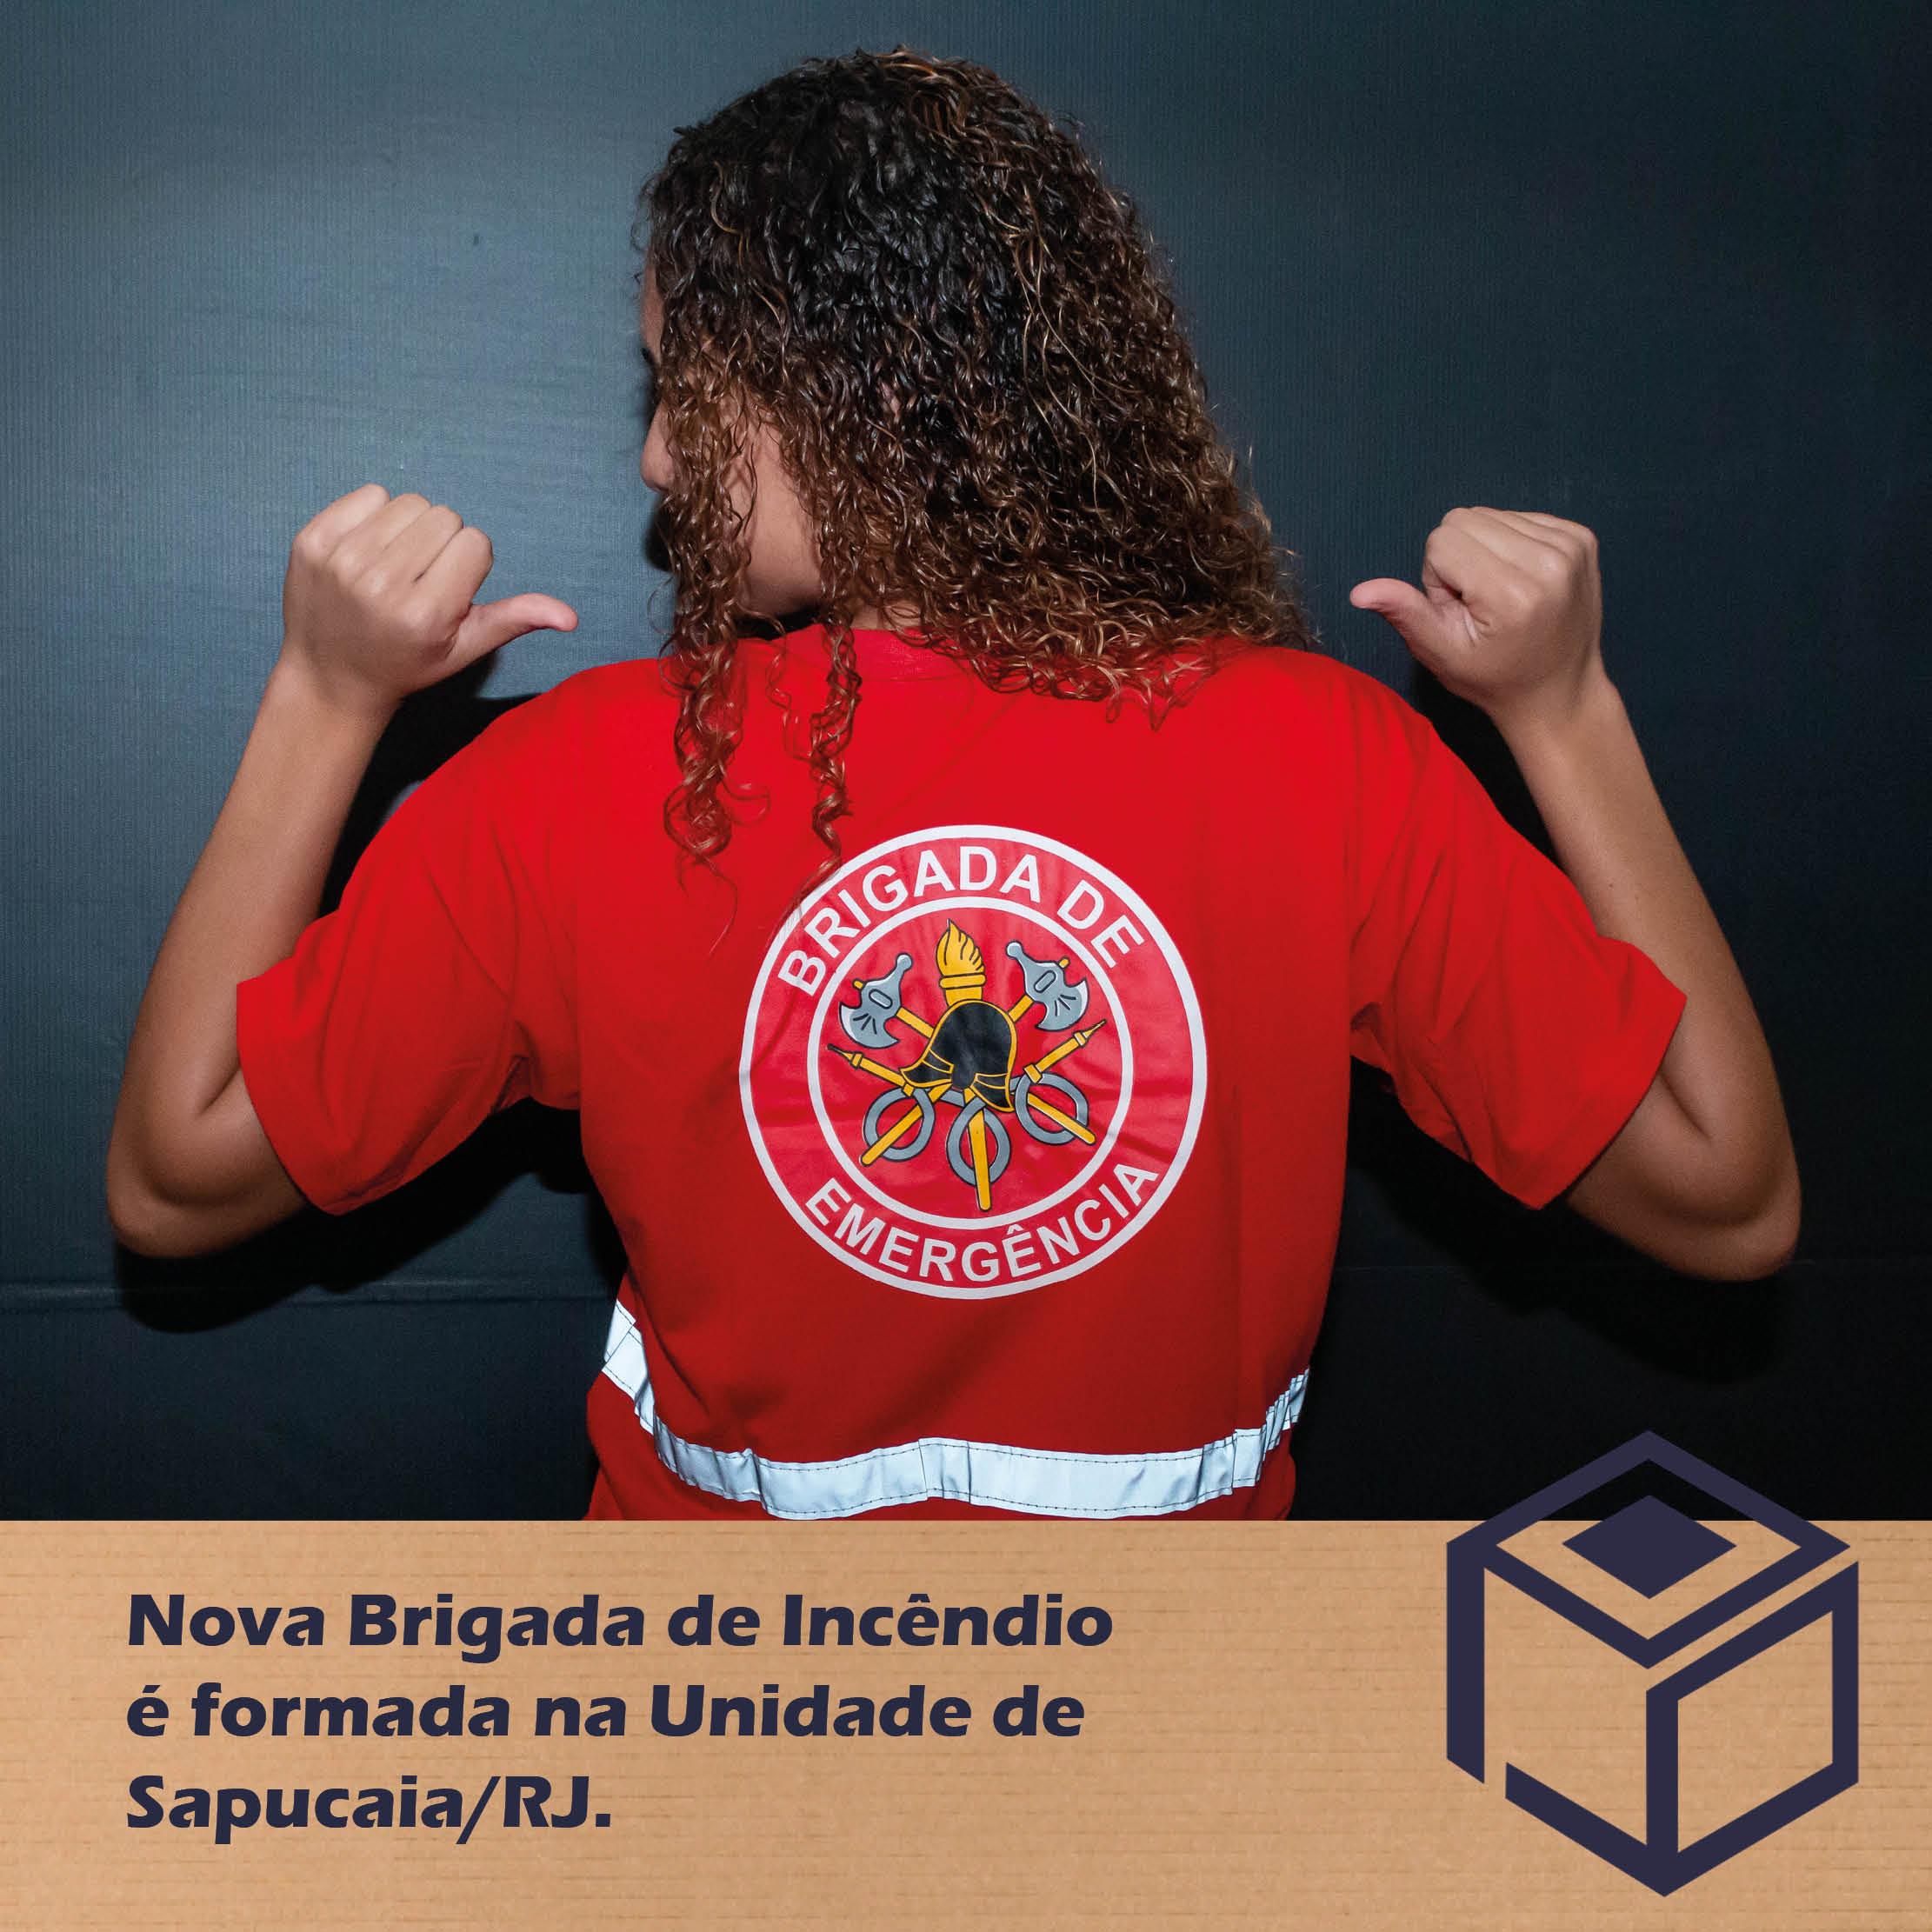 Nova Brigada de Incêndio é formada na Unidade de Sapucaia.